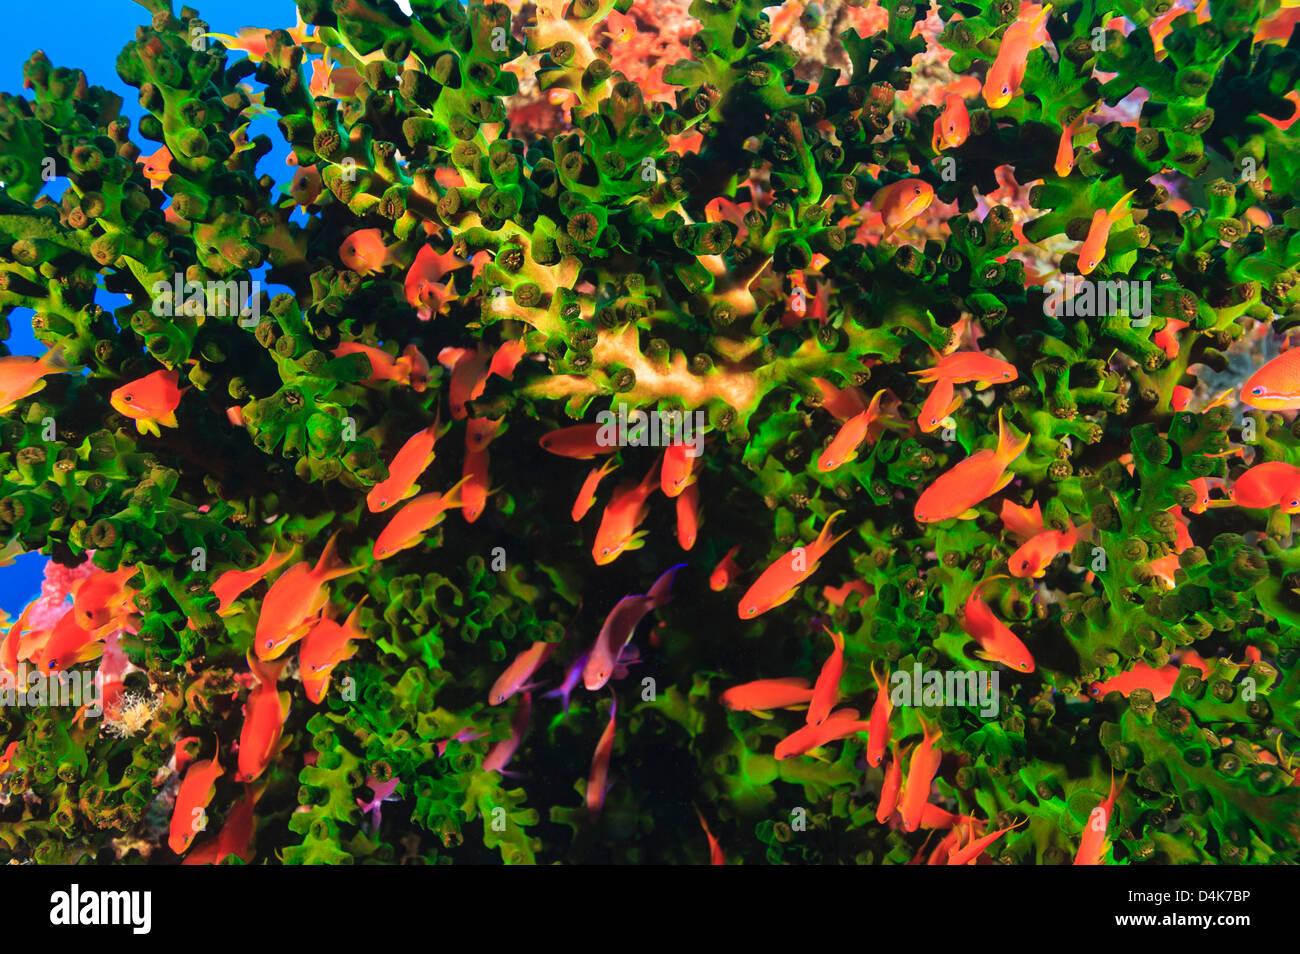 Pesci colorati nuoto nella barriera corallina Foto Stock